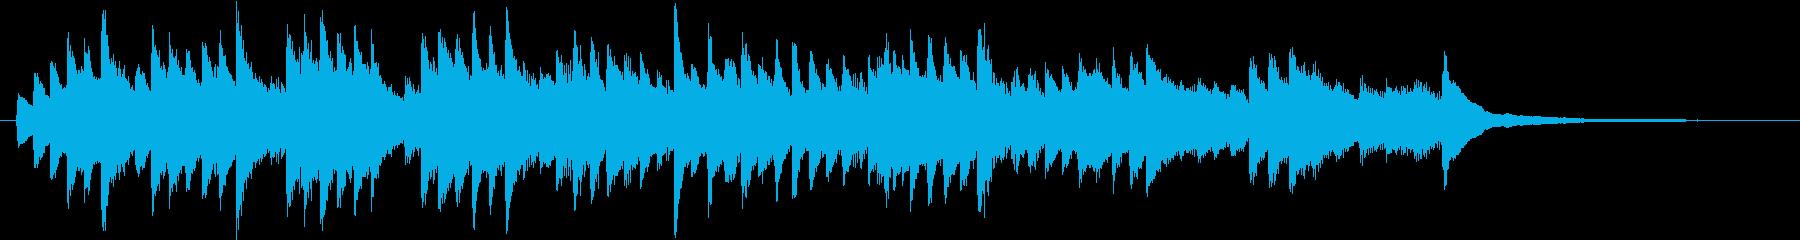 美しい旋律を優しく奏でた秋ピアノジングルの再生済みの波形